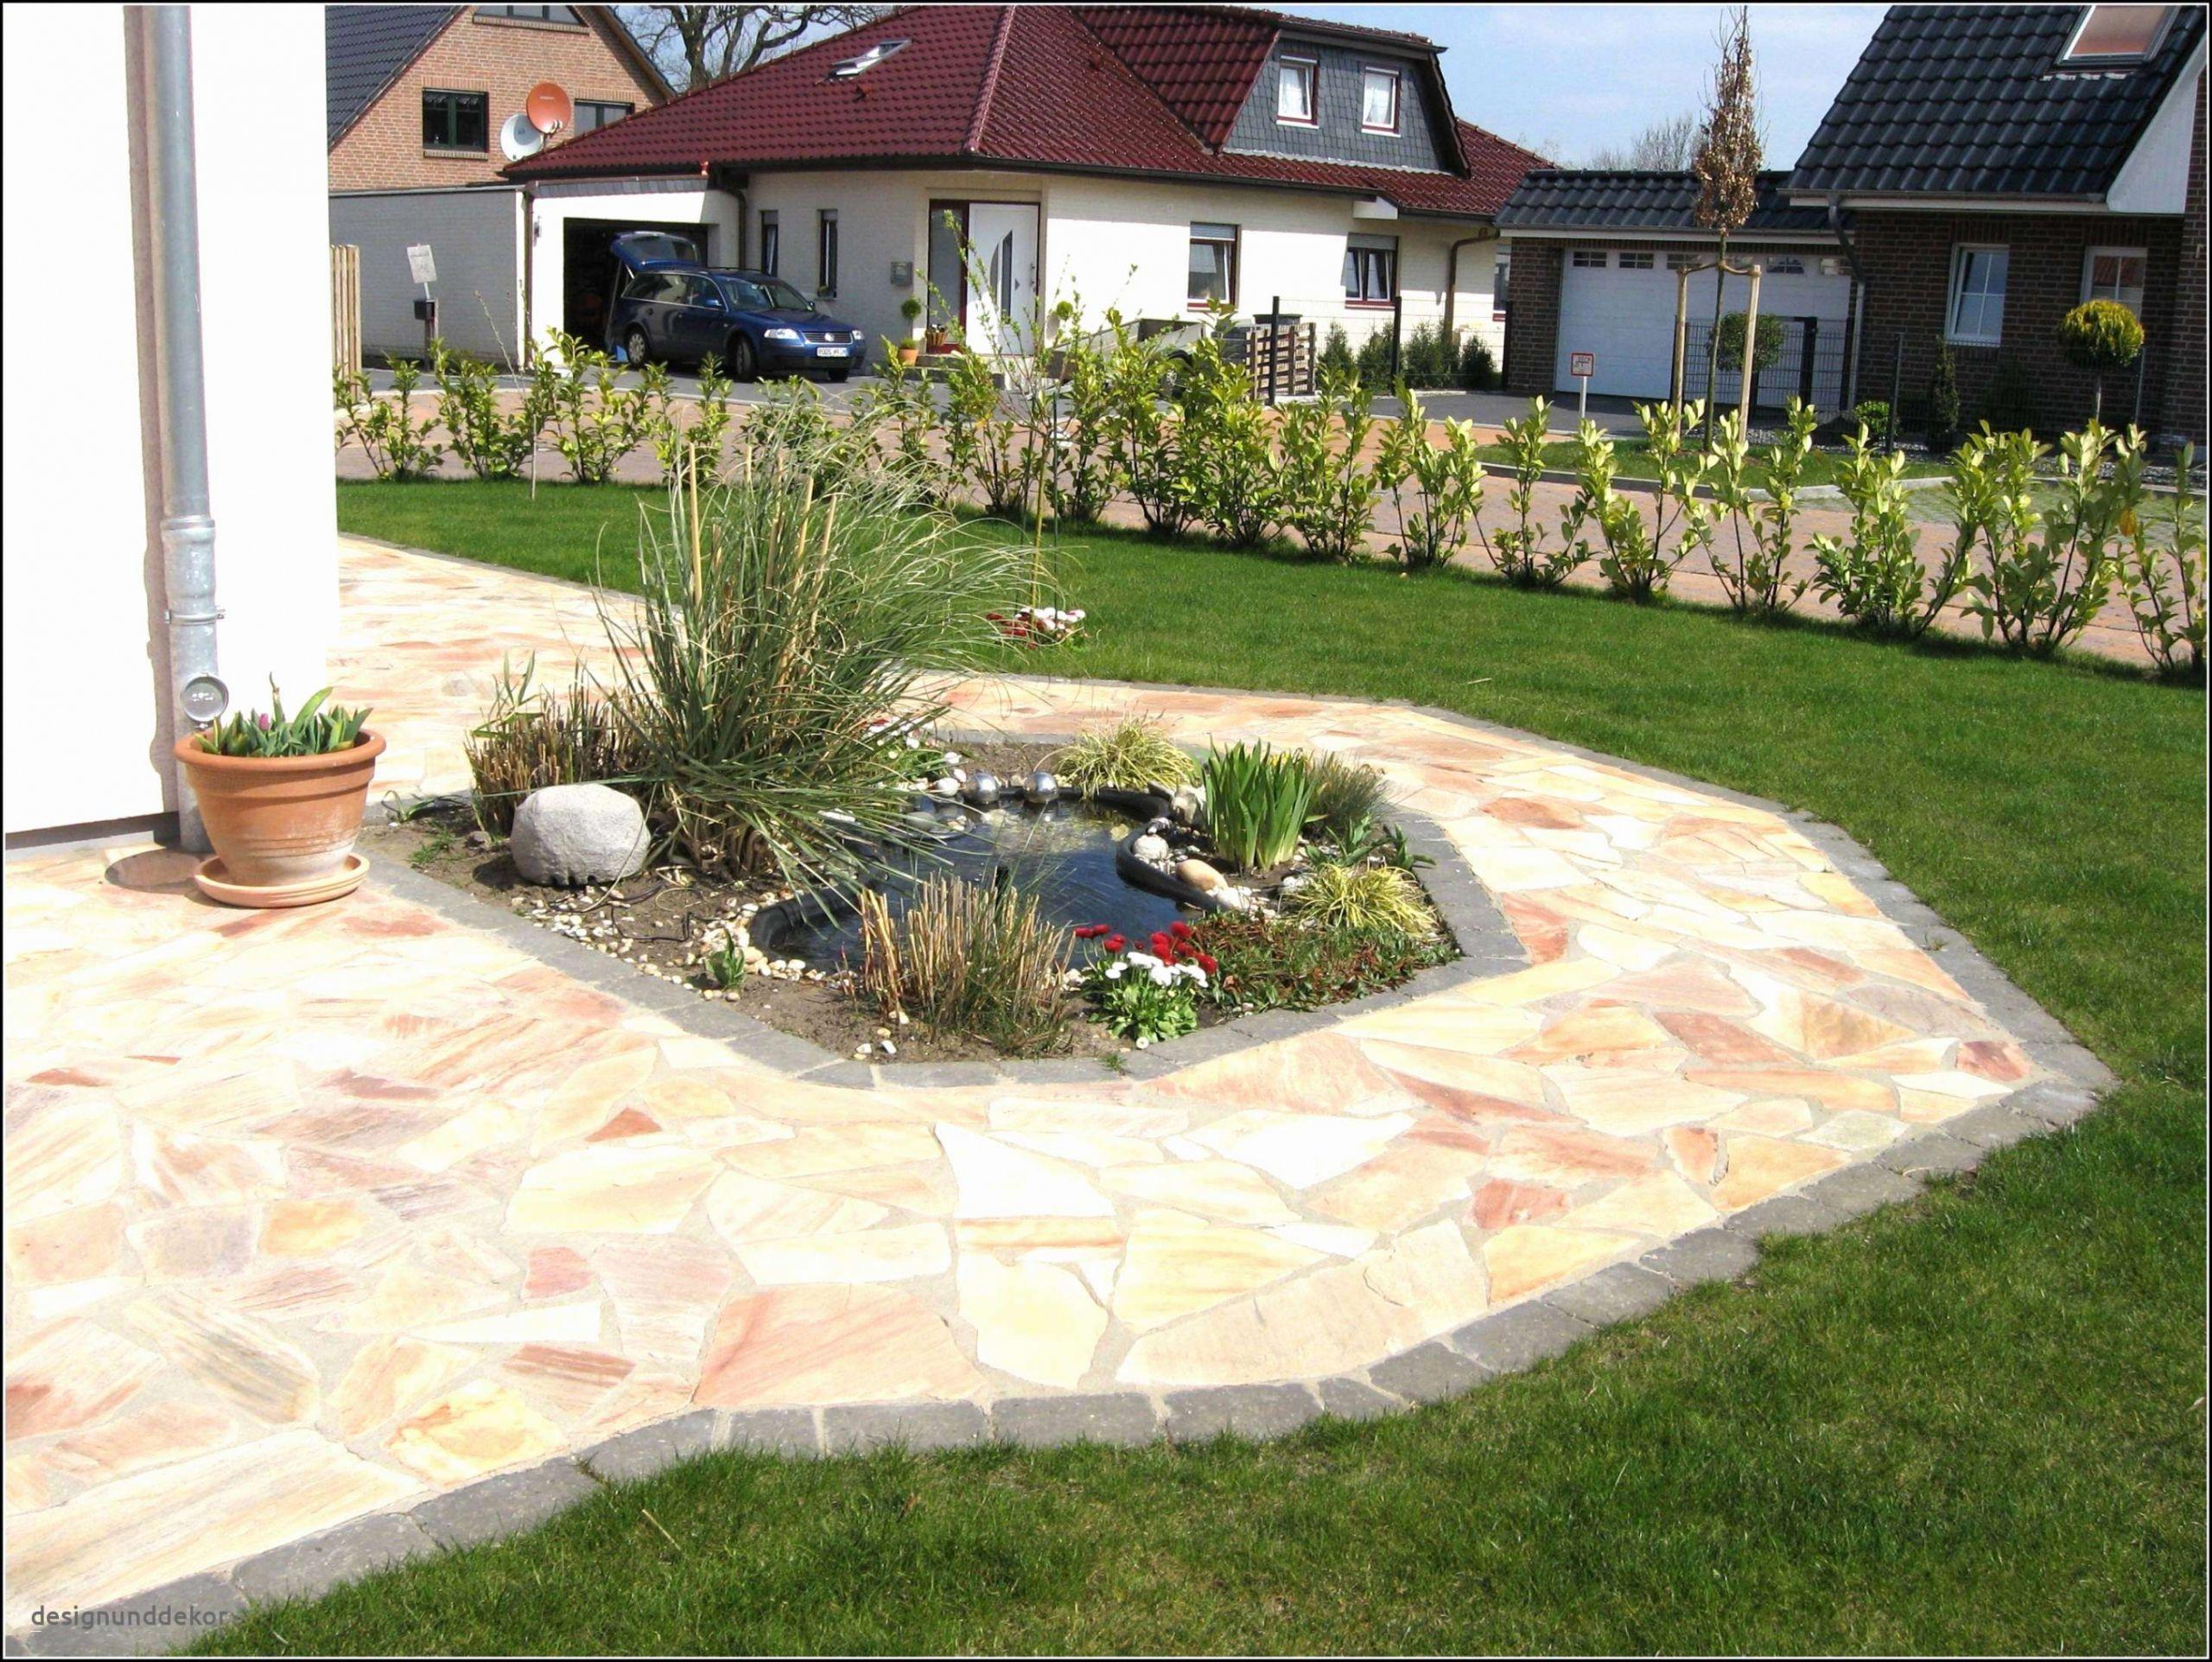 Gartengestaltung Beispiele Schön Garten Gestalten Mit Wenig Geld Beispiele Kleingarten Ideen